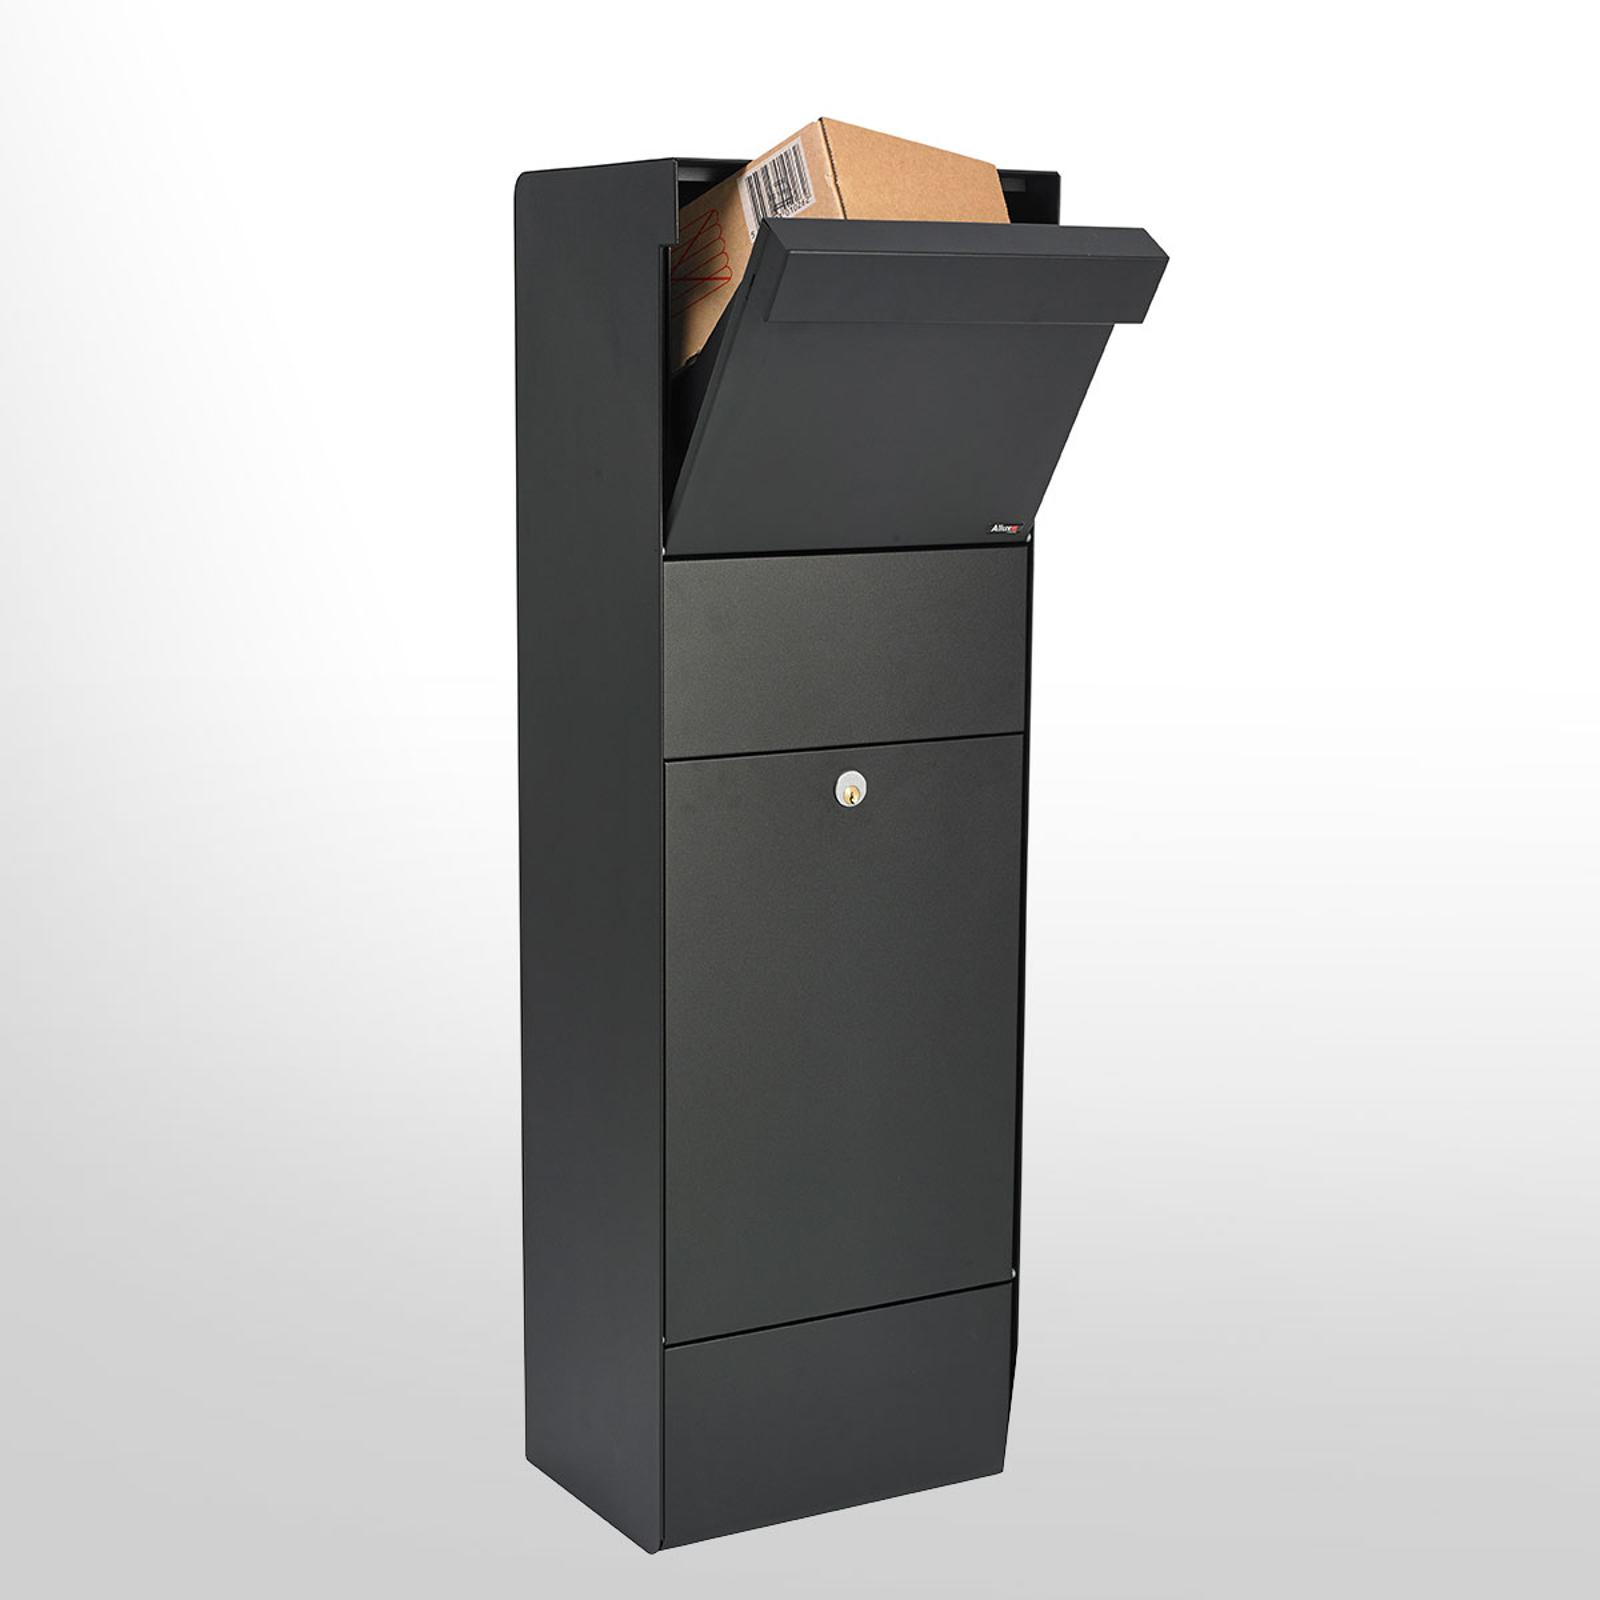 Ruime pakket-brievenbus Grundform Parcel